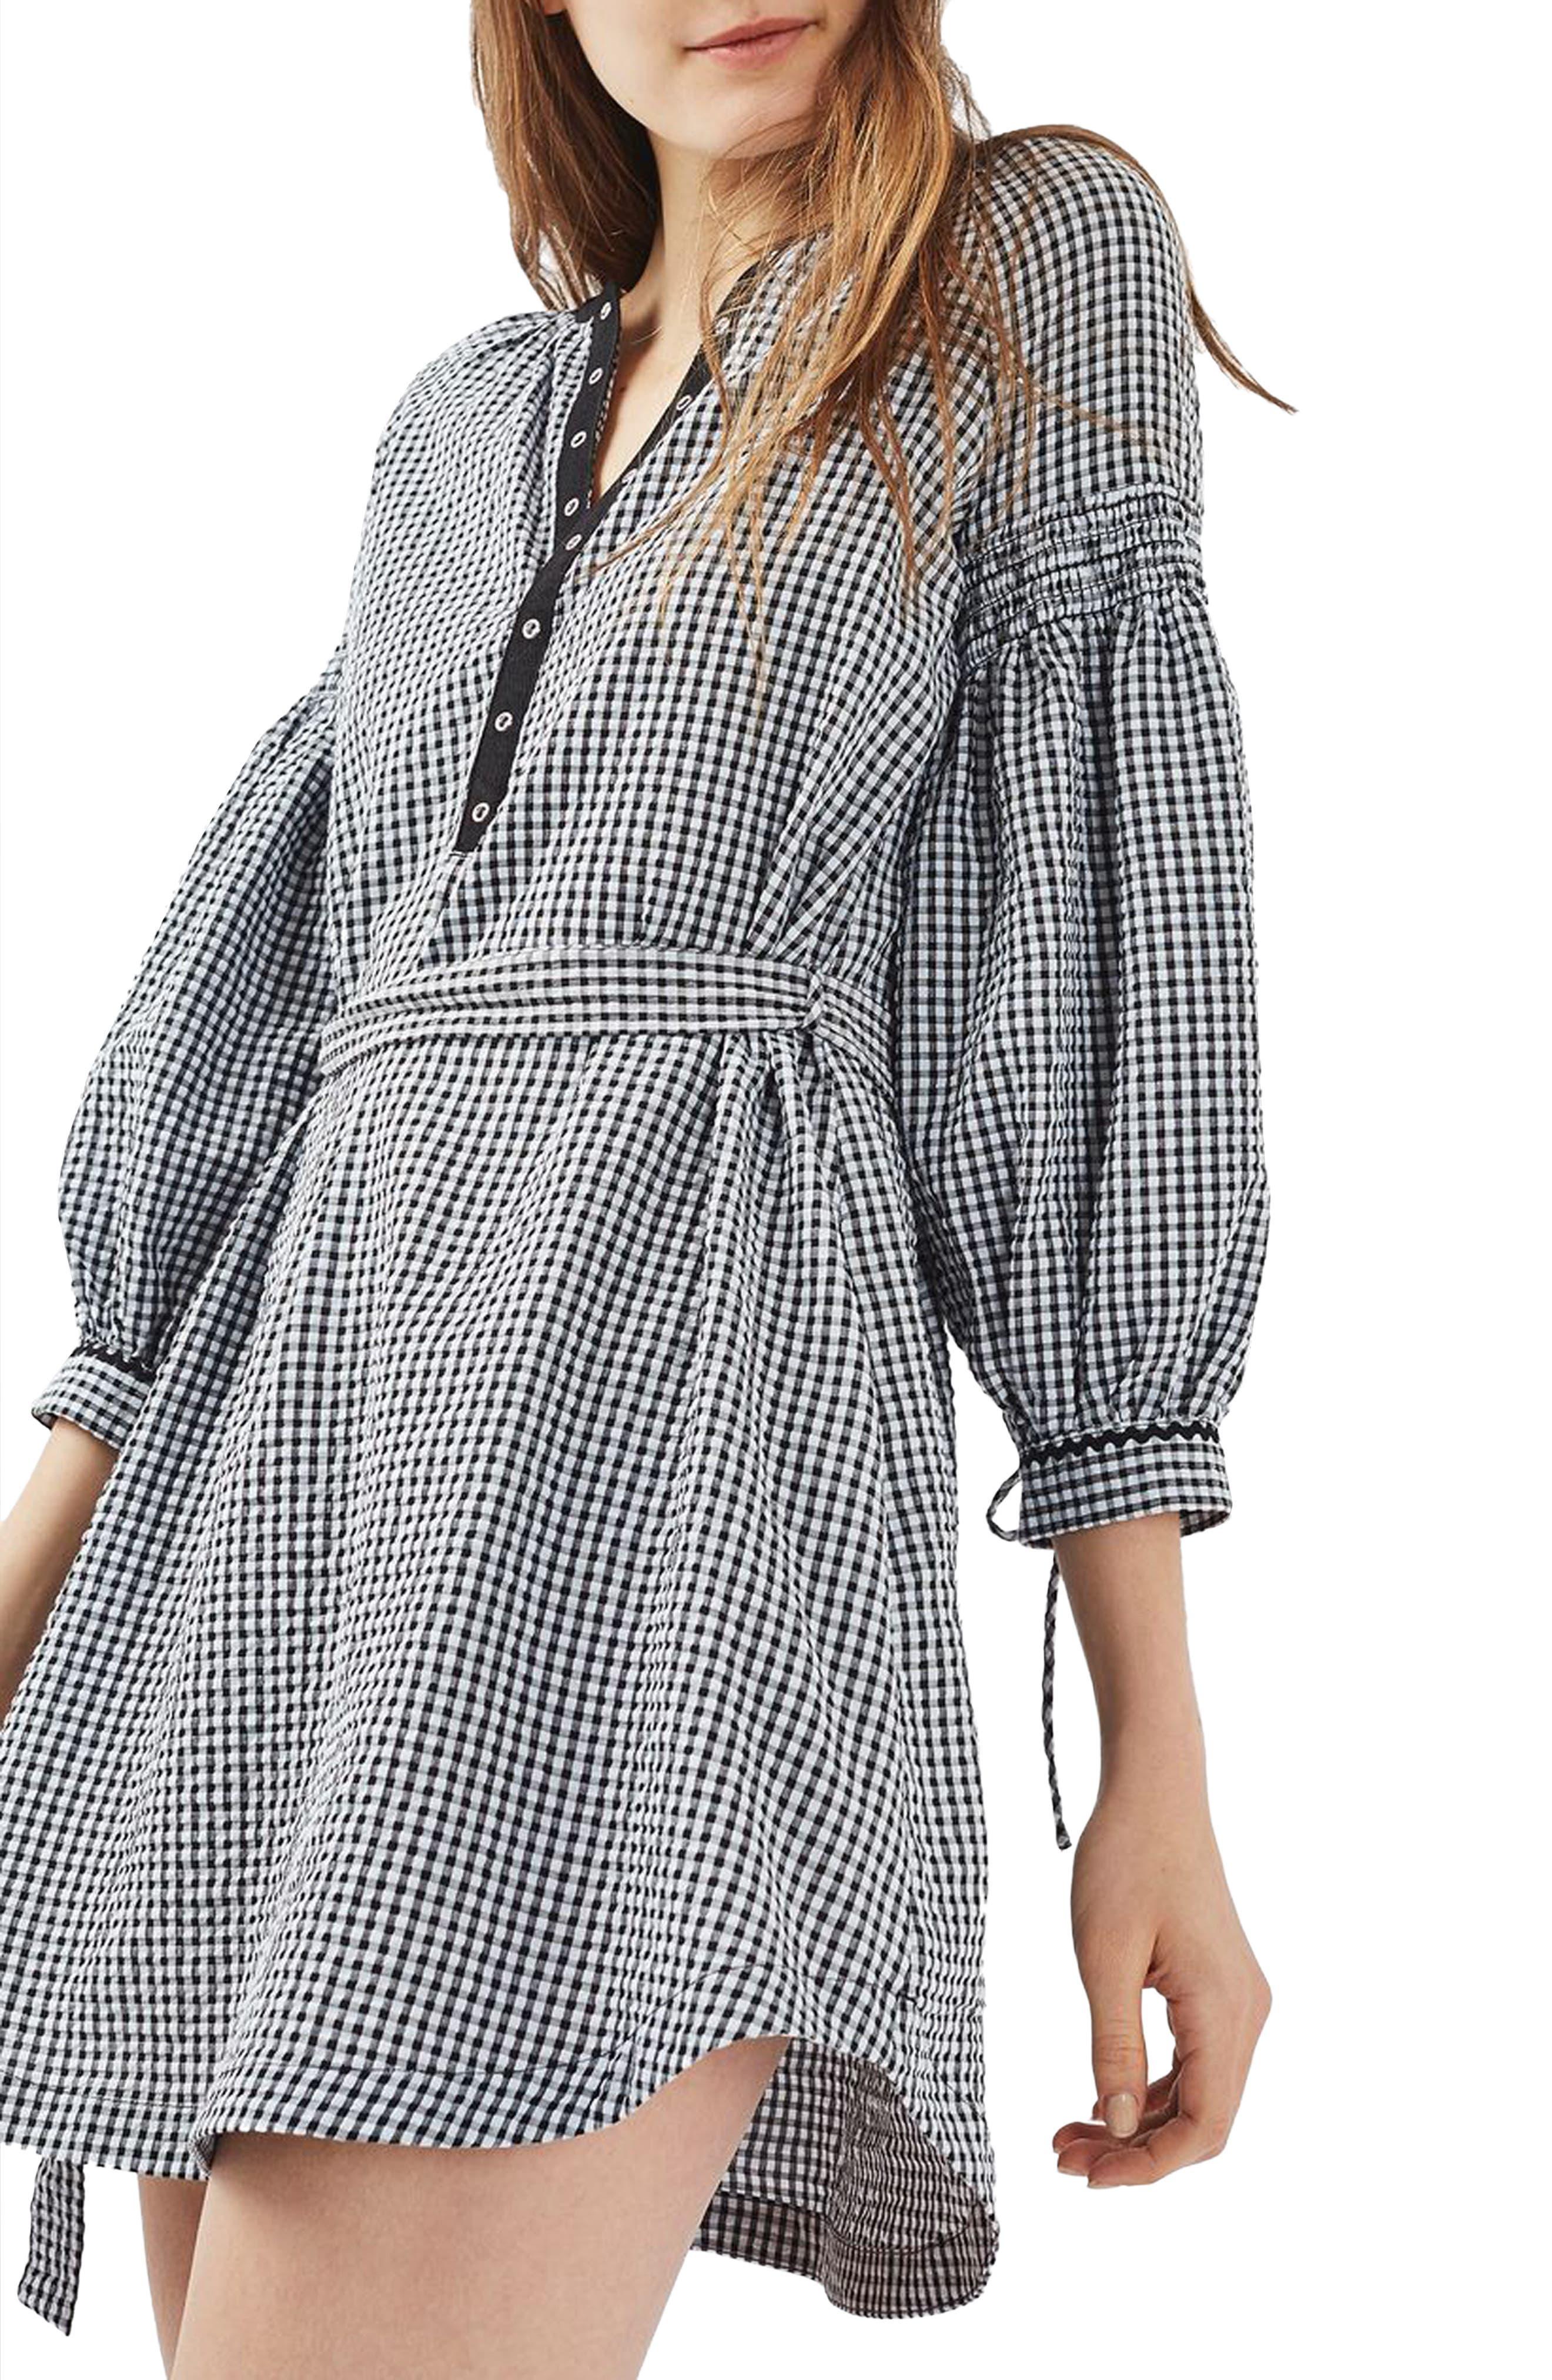 Alternate Image 1 Selected - Topshop Gingham Smock Dress